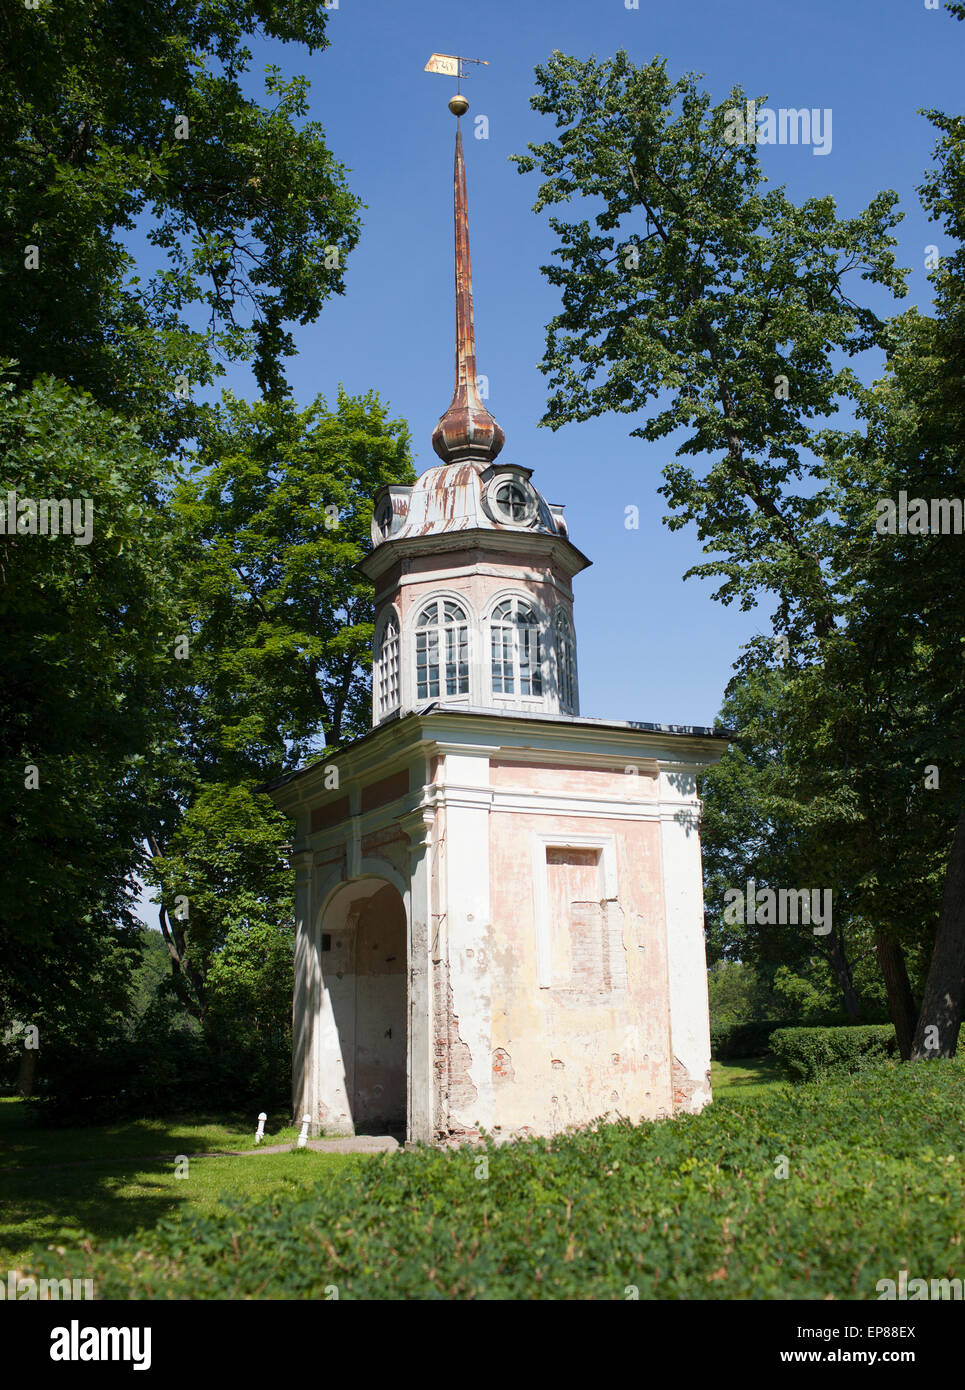 Oranienbaum.Entrada honorable gate del emperador Pyotr III.. Imagen De Stock